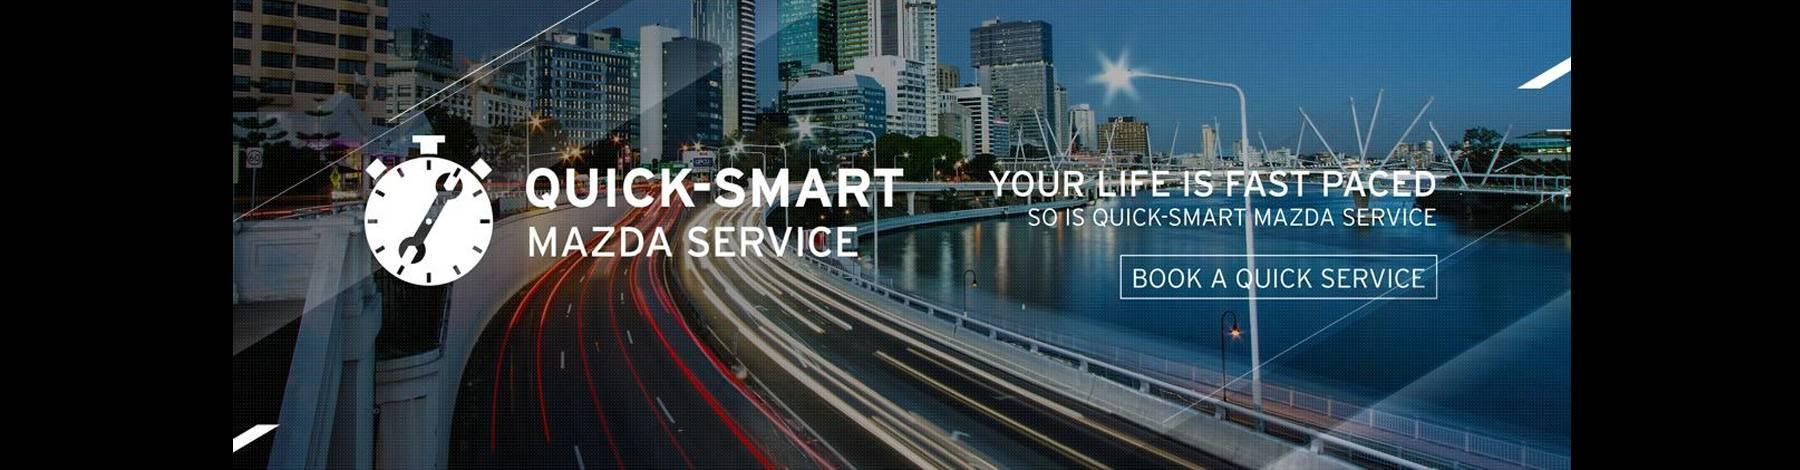 Quick Service Melville Mazda Perth